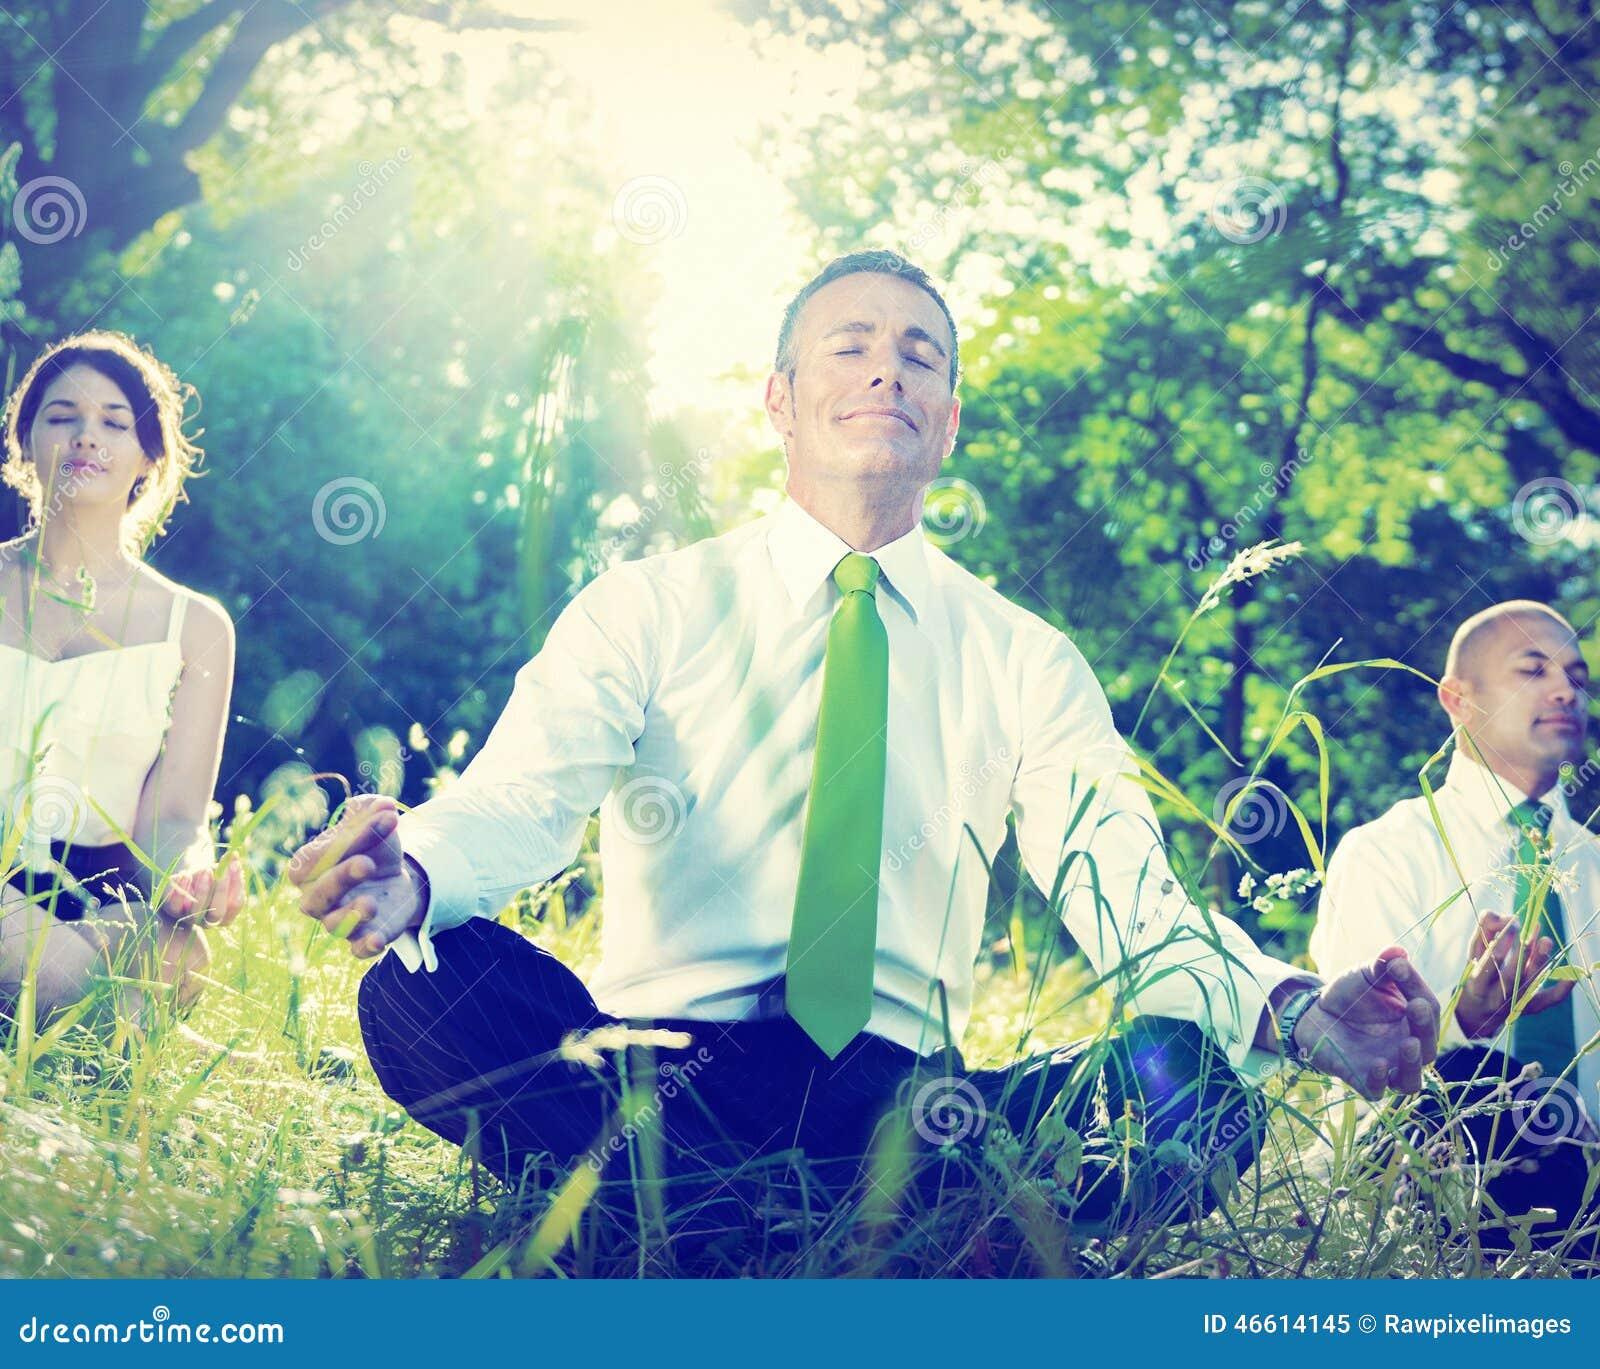 Йоги релаксации бизнесмены концепции благополучия